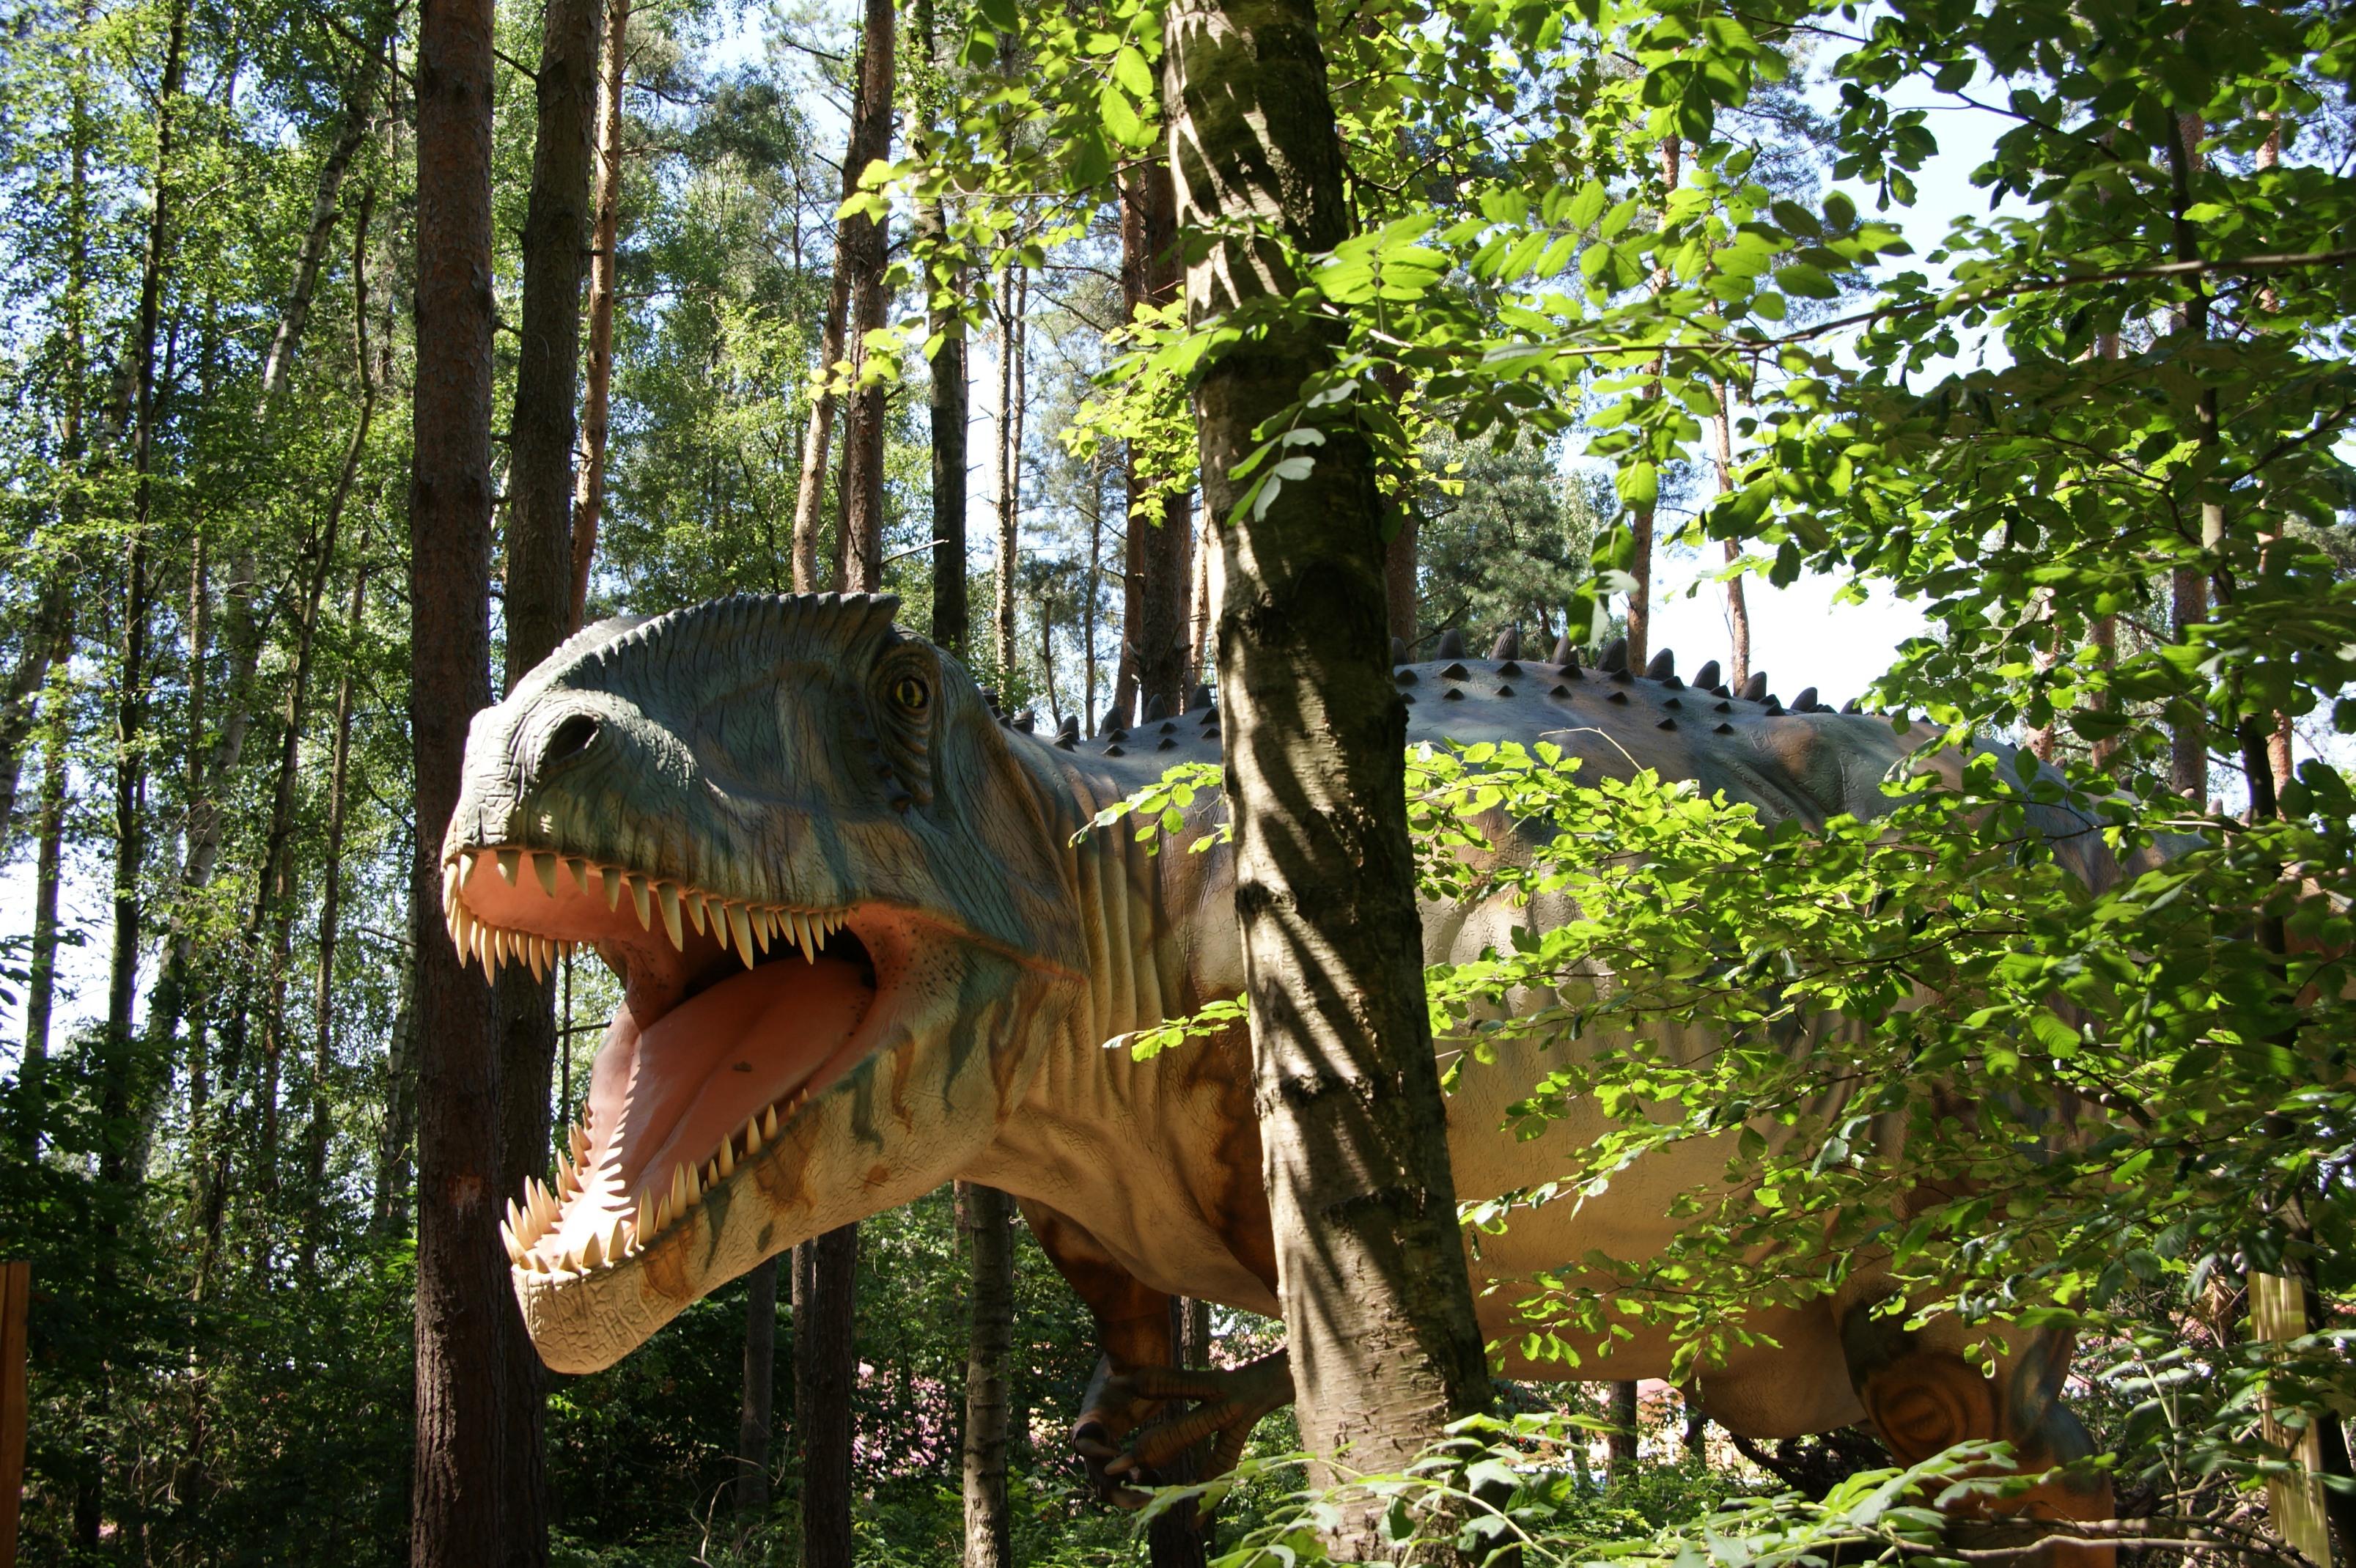 Dinopark Gigantosaurus